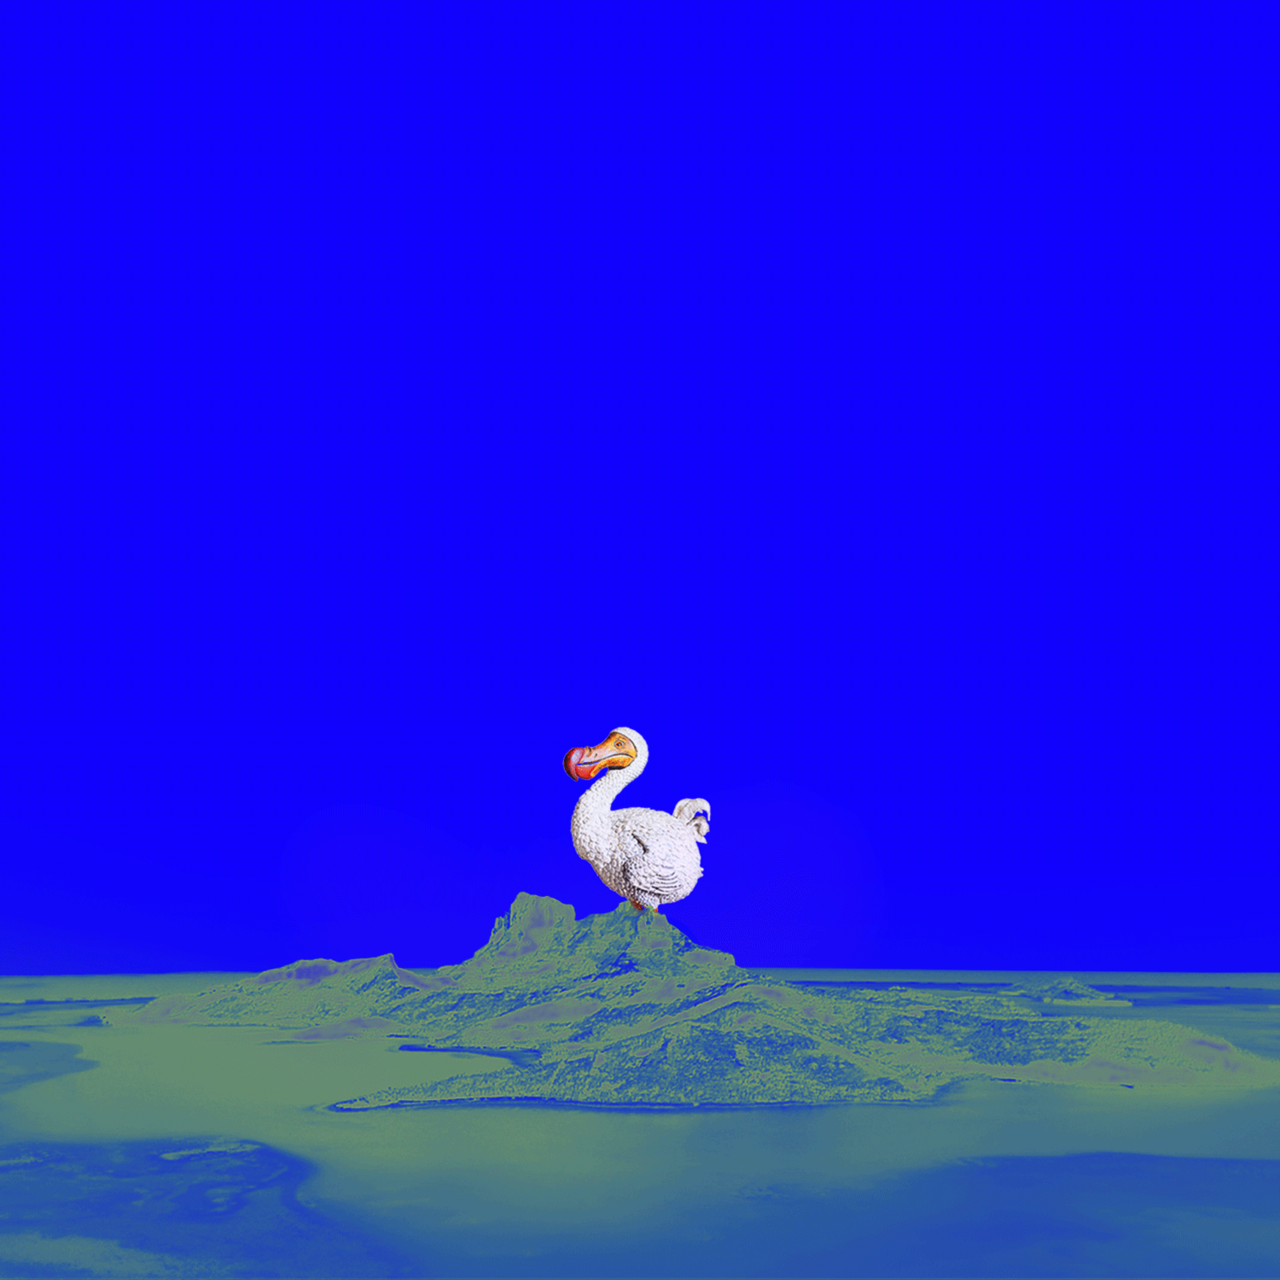 image-preload